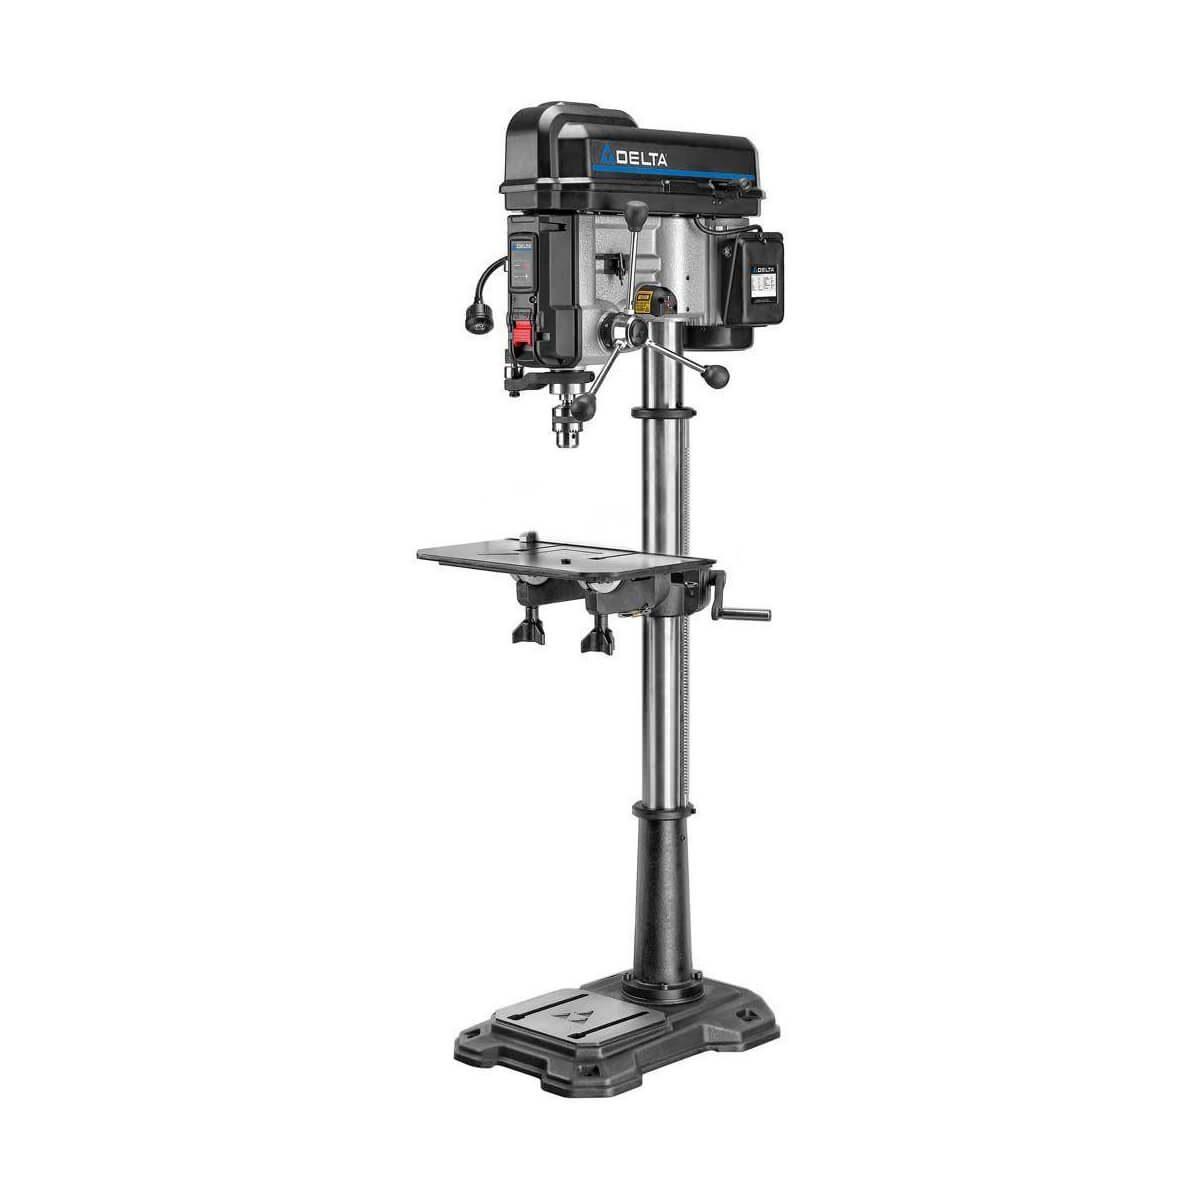 Delta 18-Inch Laser Drill Press